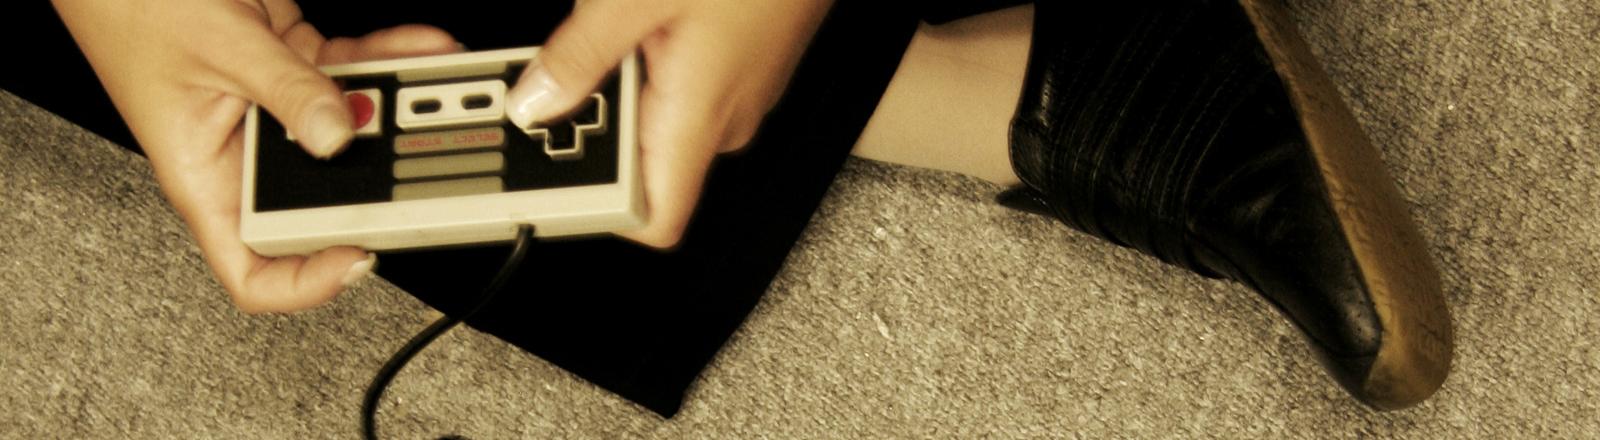 Jemand sitzt auf dem Fußboden und spielt mit einem alten Controller für den Nintendo NES.